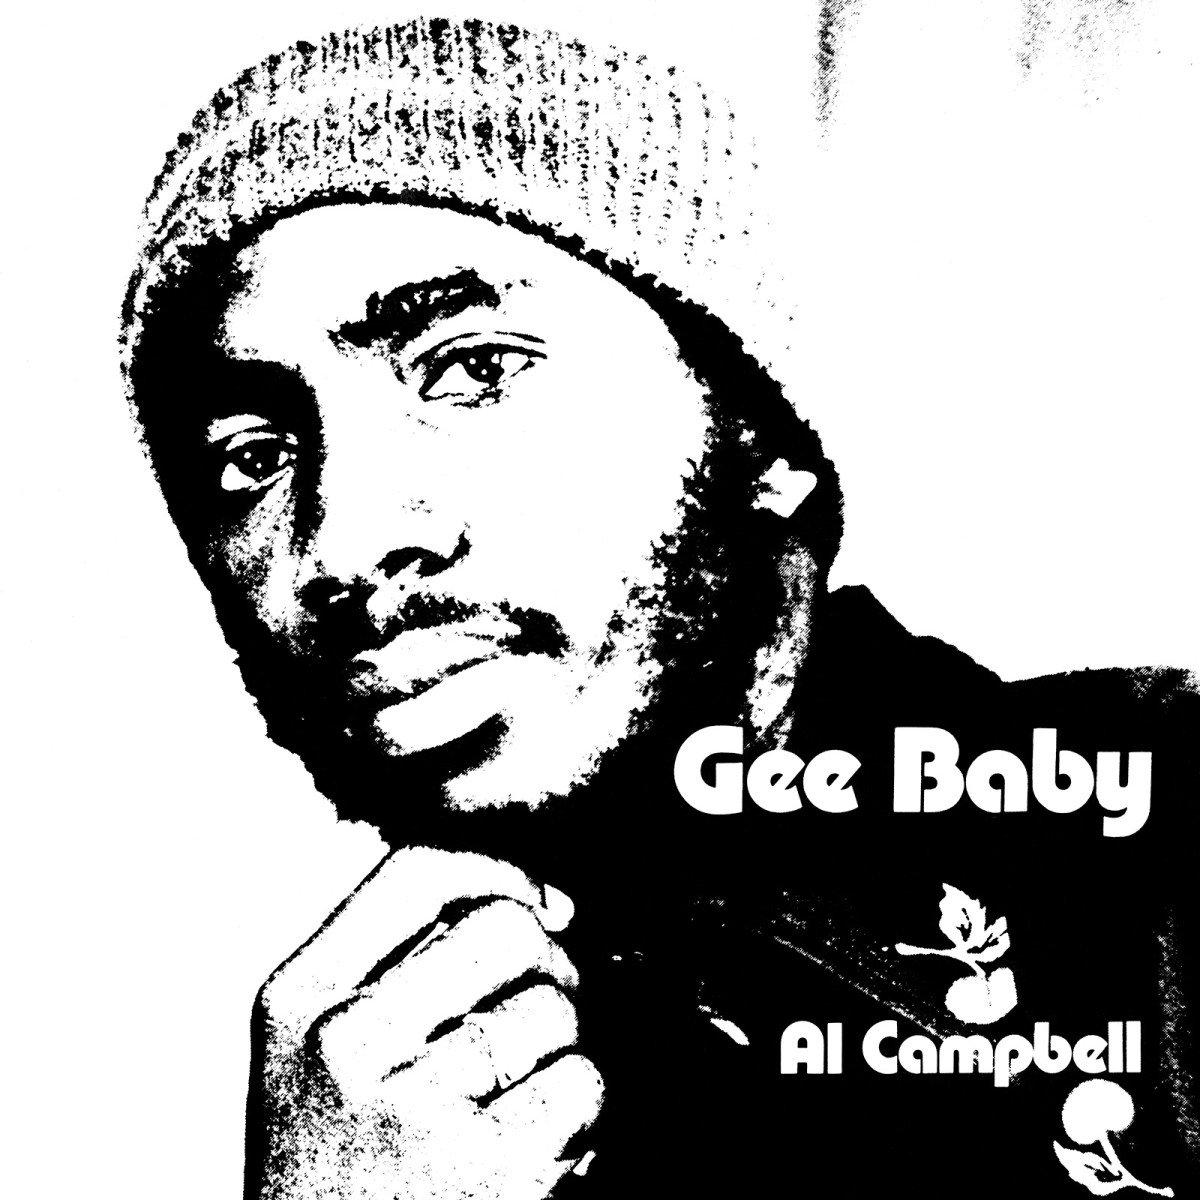 Gee Baby : Al Campbell, Al Campbell: Amazon.es: Música